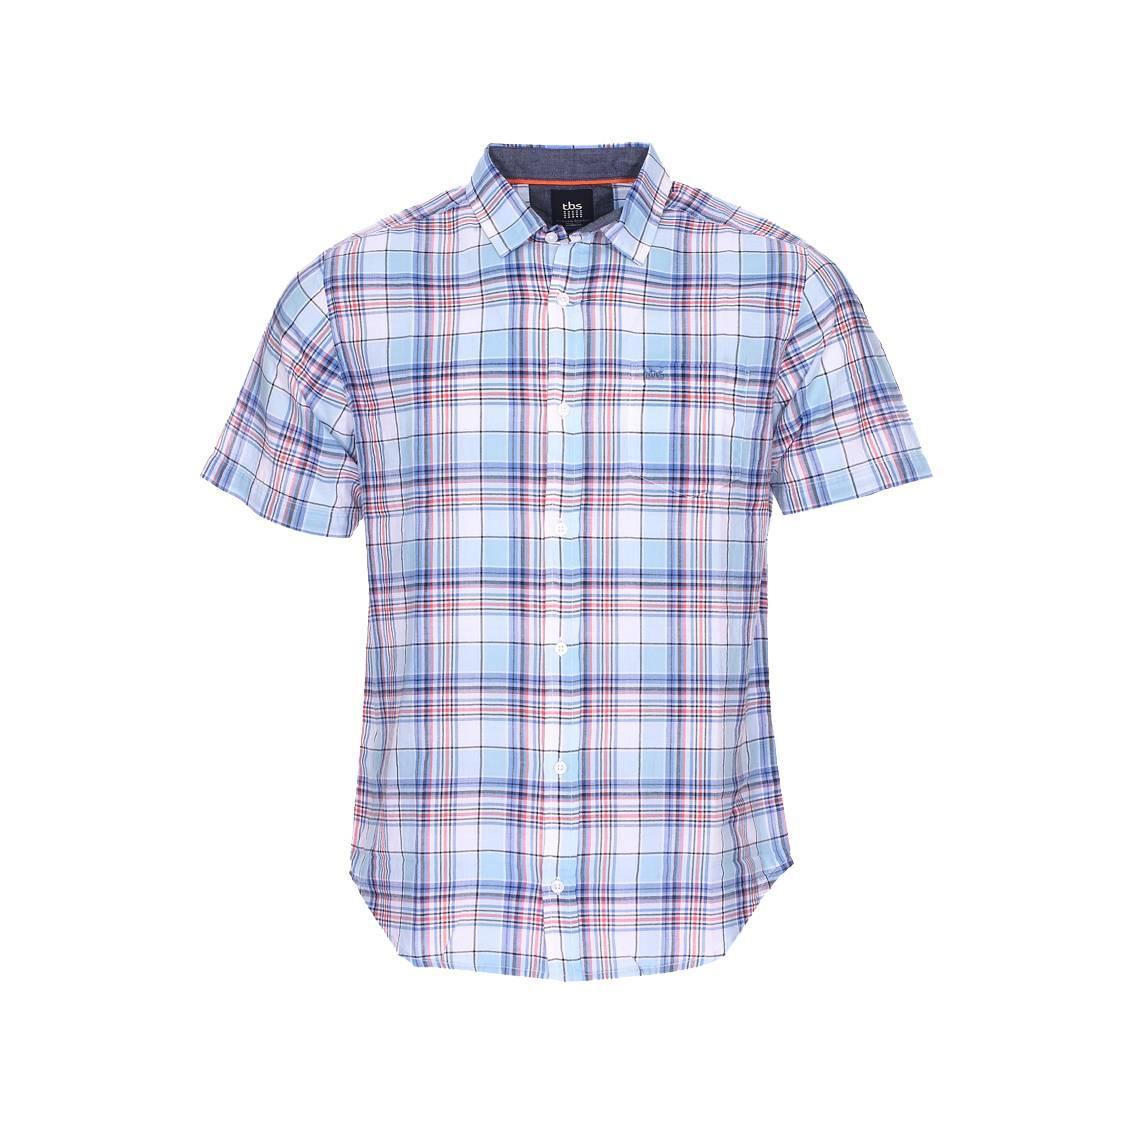 Chemise manches courtes cintrée  irochemi en coton léger bleu ciel à carreaux rouges, noirs, bleu indigo et blancs